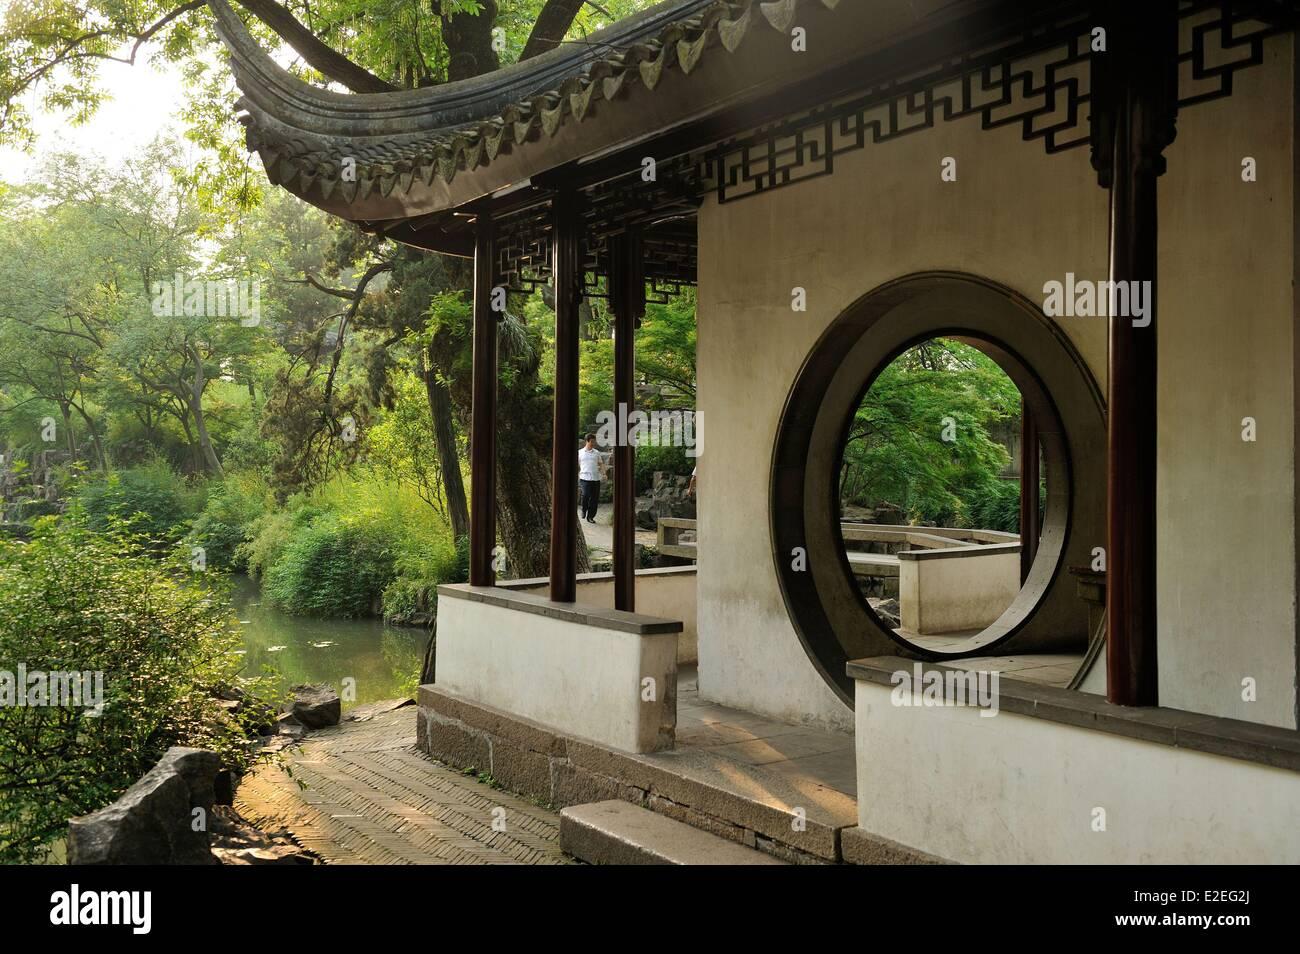 Cina, provincia dello Jiangsu, Suzhou, l umile Administrator's garden elencati come patrimonio mondiale dall' Immagini Stock